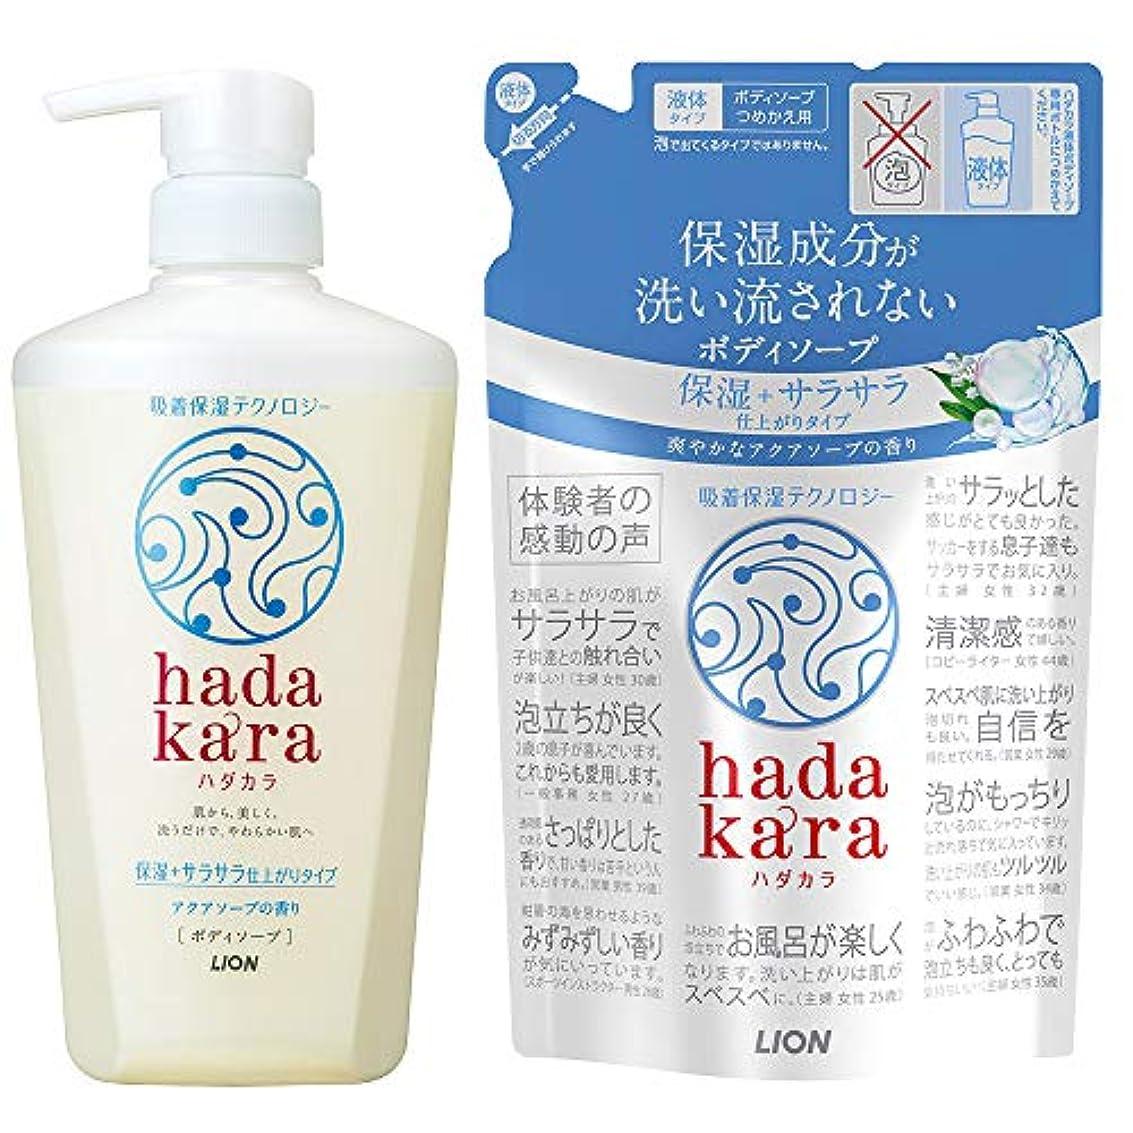 変色する破壊的市場hadakara(ハダカラ)ボディソープ 保湿+サラサラ仕上がりタイプ アクアソープの香り 本体 480ml + つめかえ 340ml